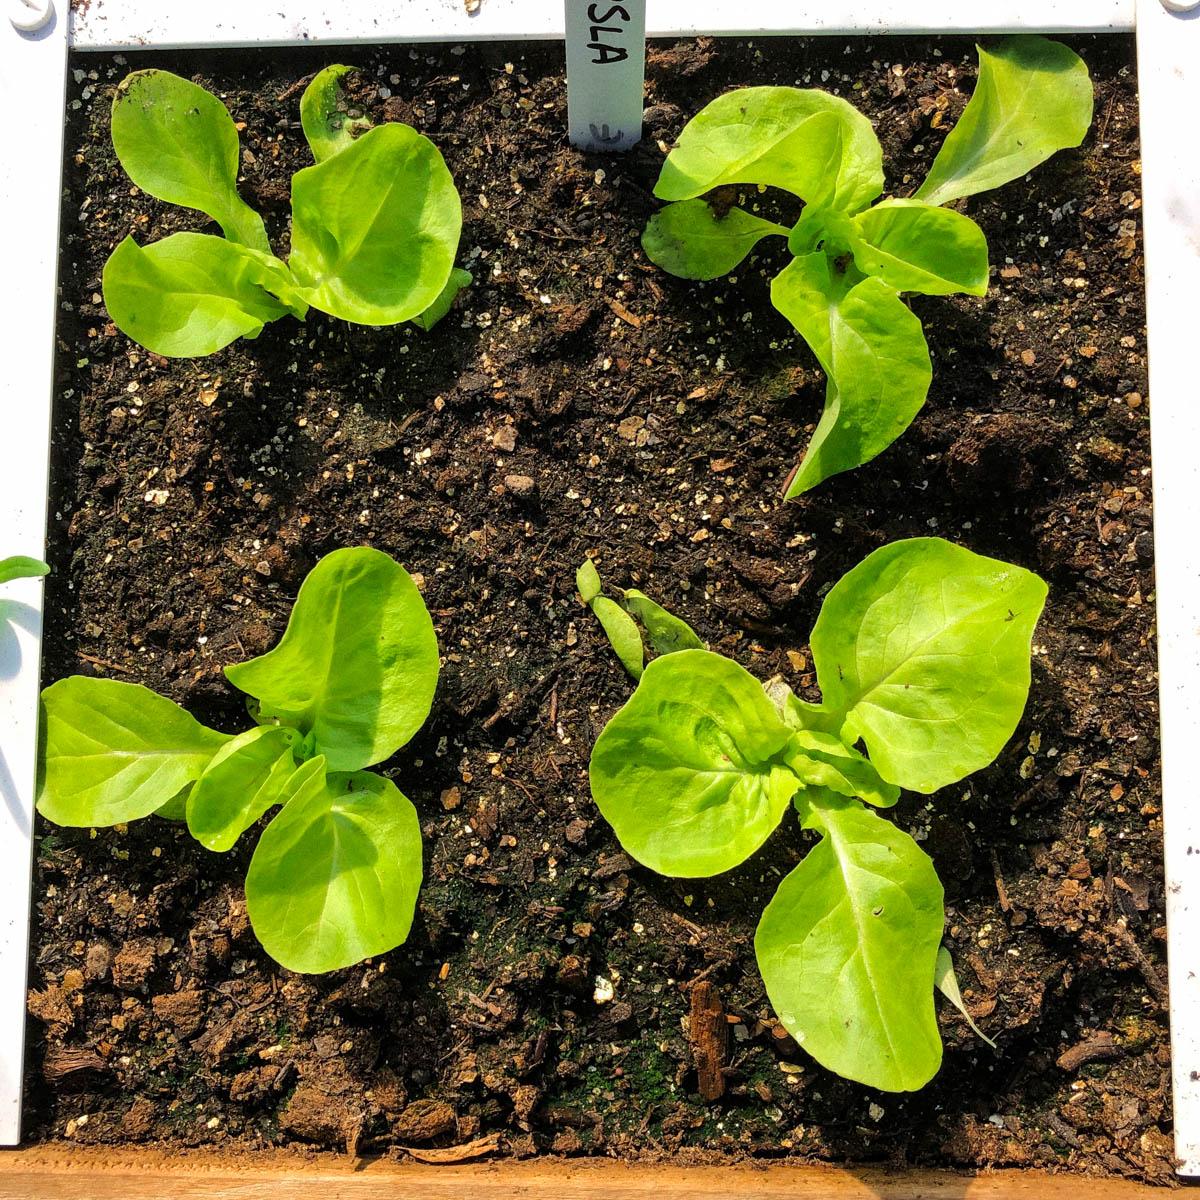 blog-1-sept-2021-tour-of-the-planty-garden26.jpg